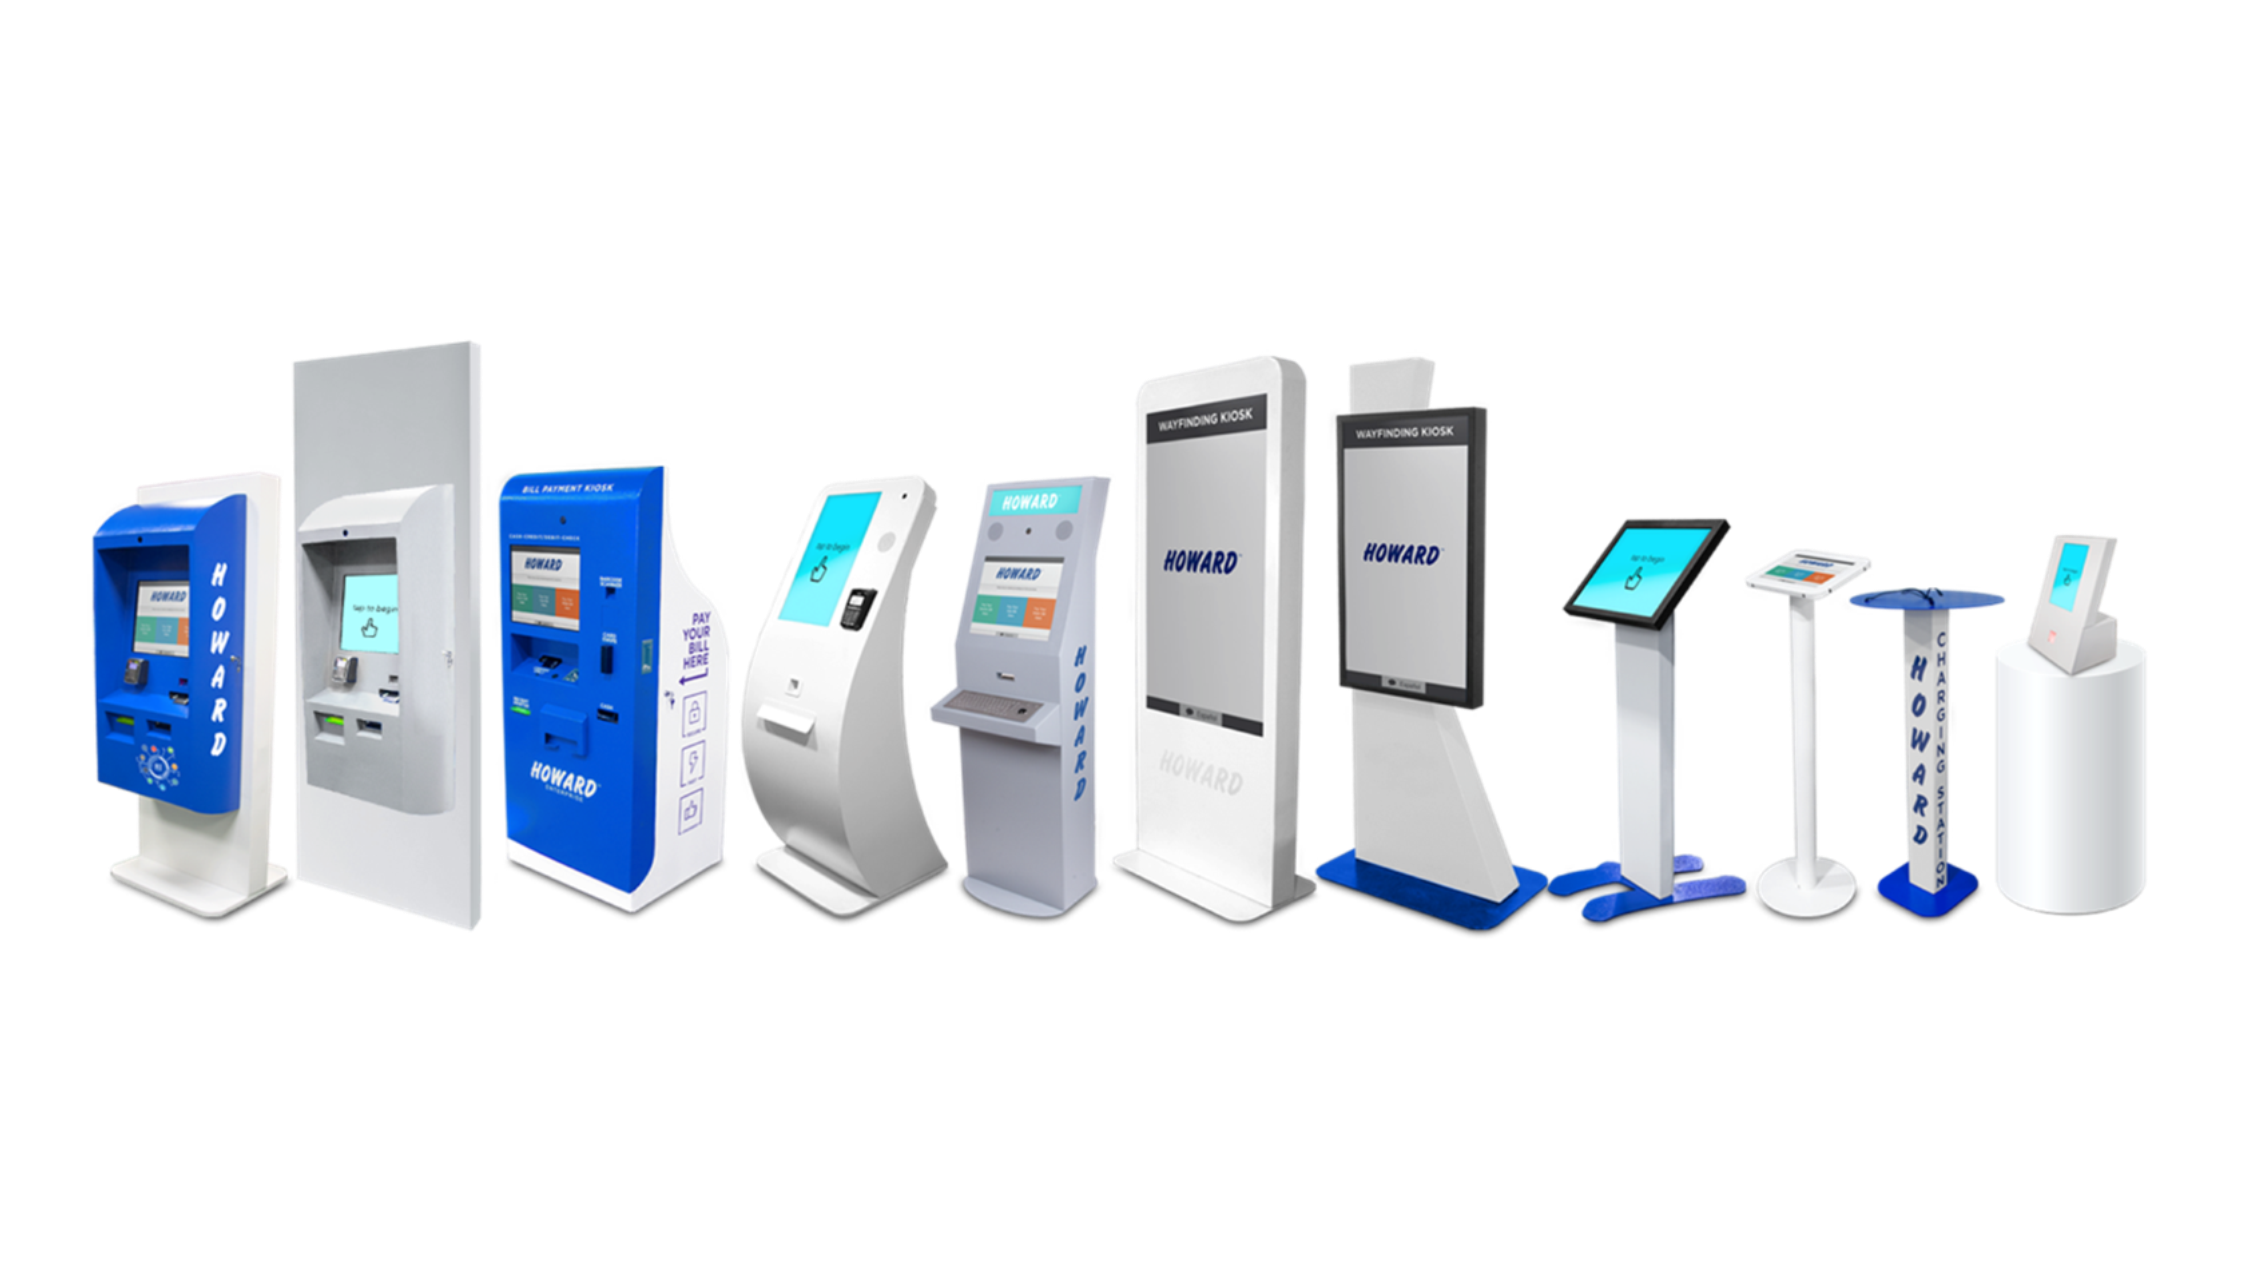 Full Kiosk Line Up